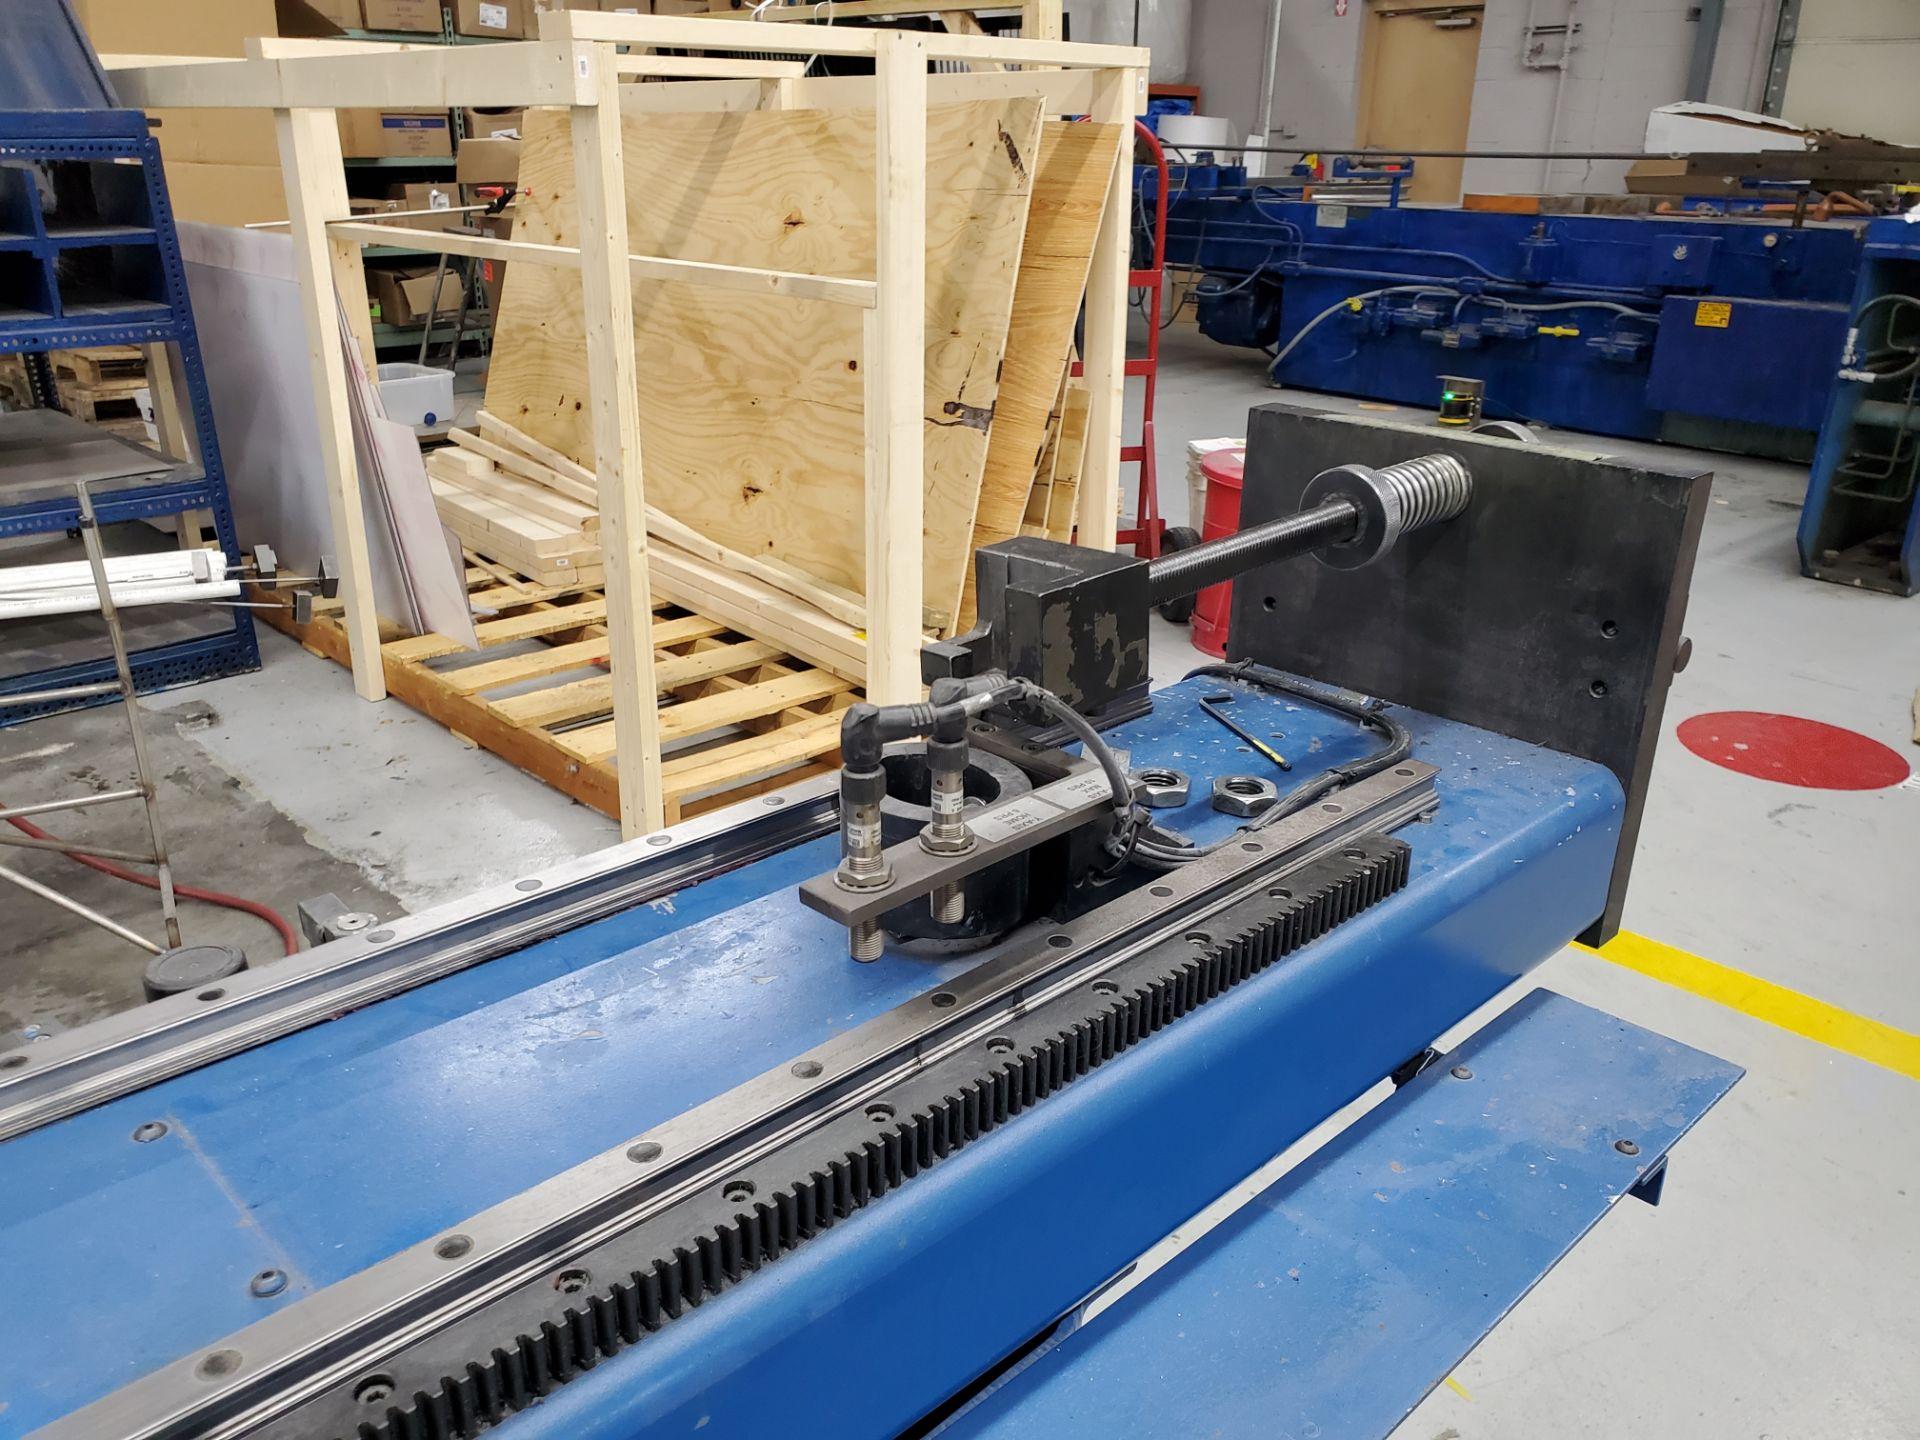 CNC Eaton Leonard Tube Bender Model VBCE25, S/N 25RH 8606761PC12/08, New 2008 - Image 16 of 18